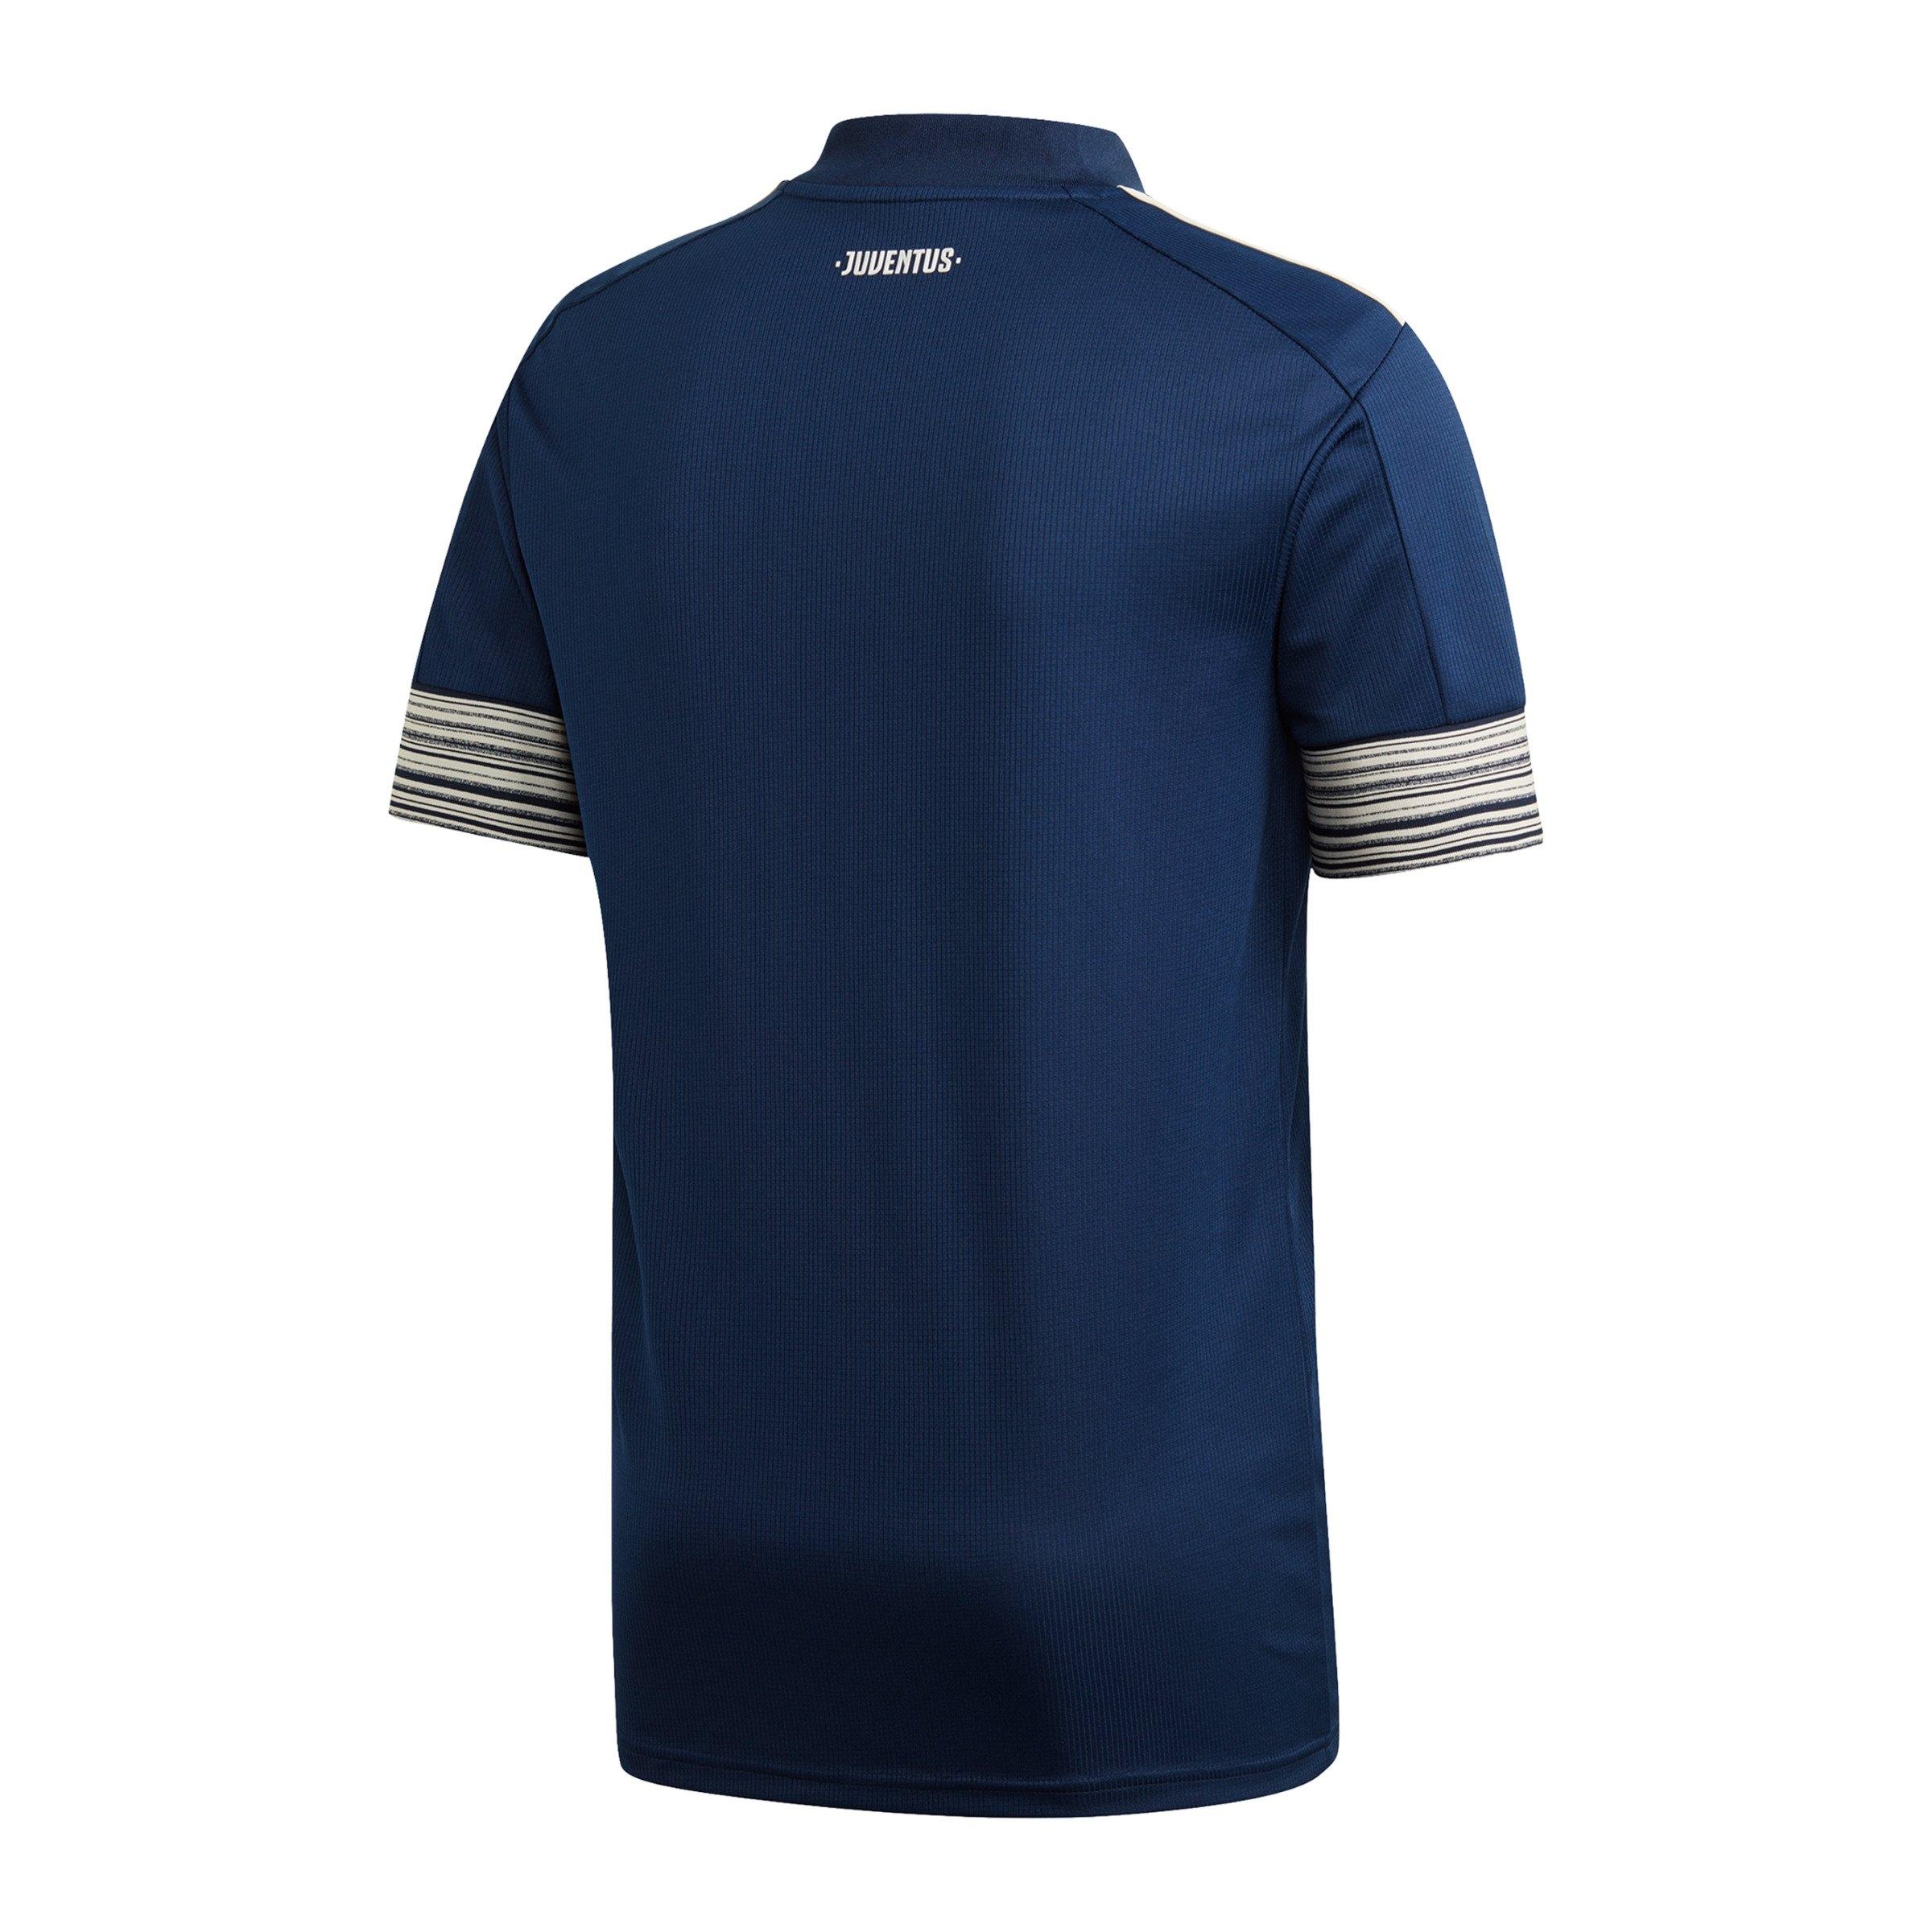 adidas Juventus Turin Trikot Away 2020/2021 Blau blau